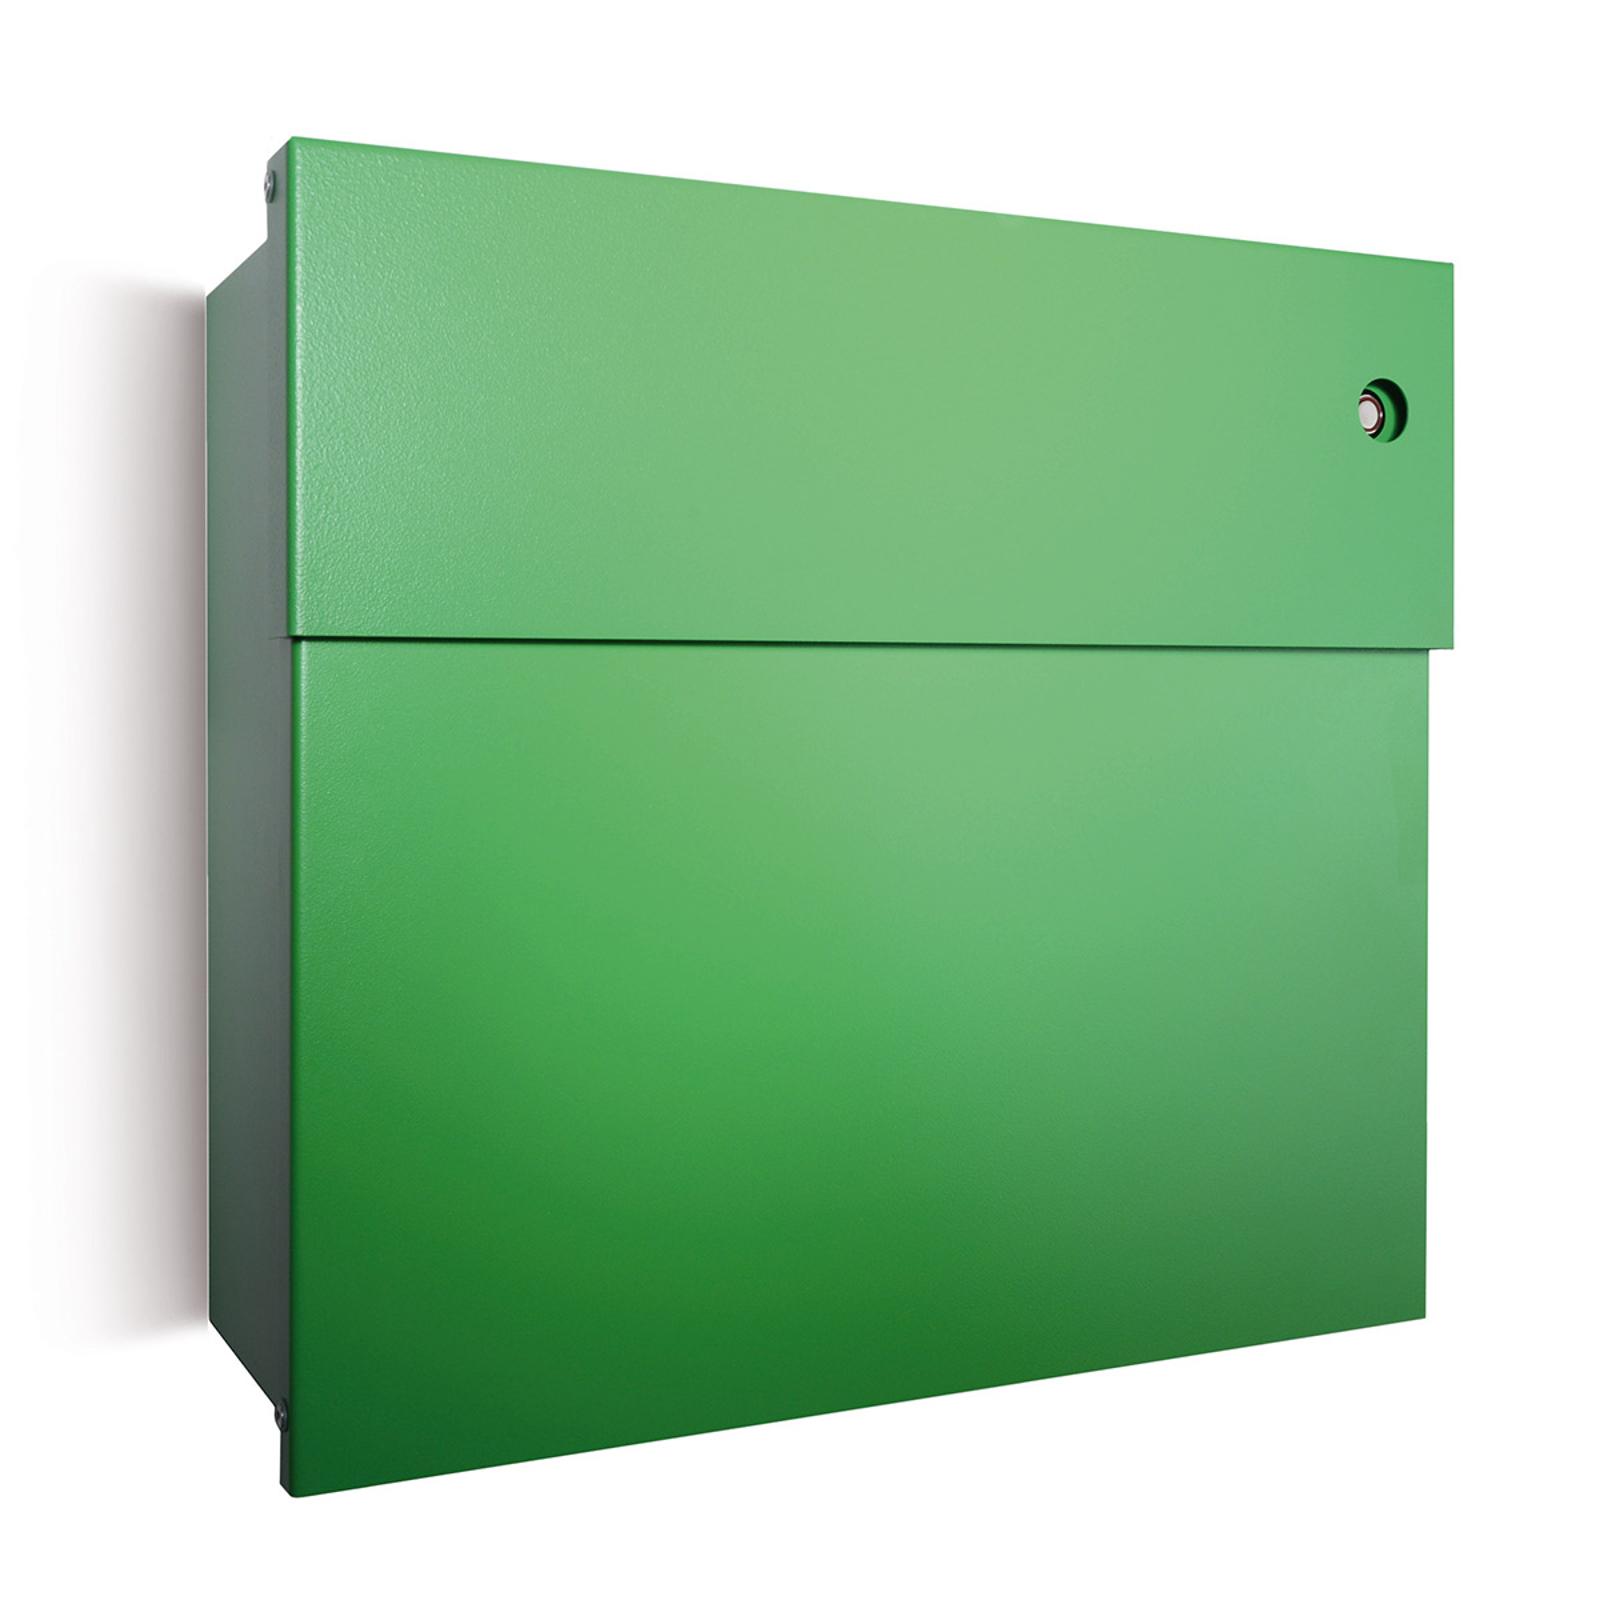 Letterman IV postboks, rød bjelle, grønn